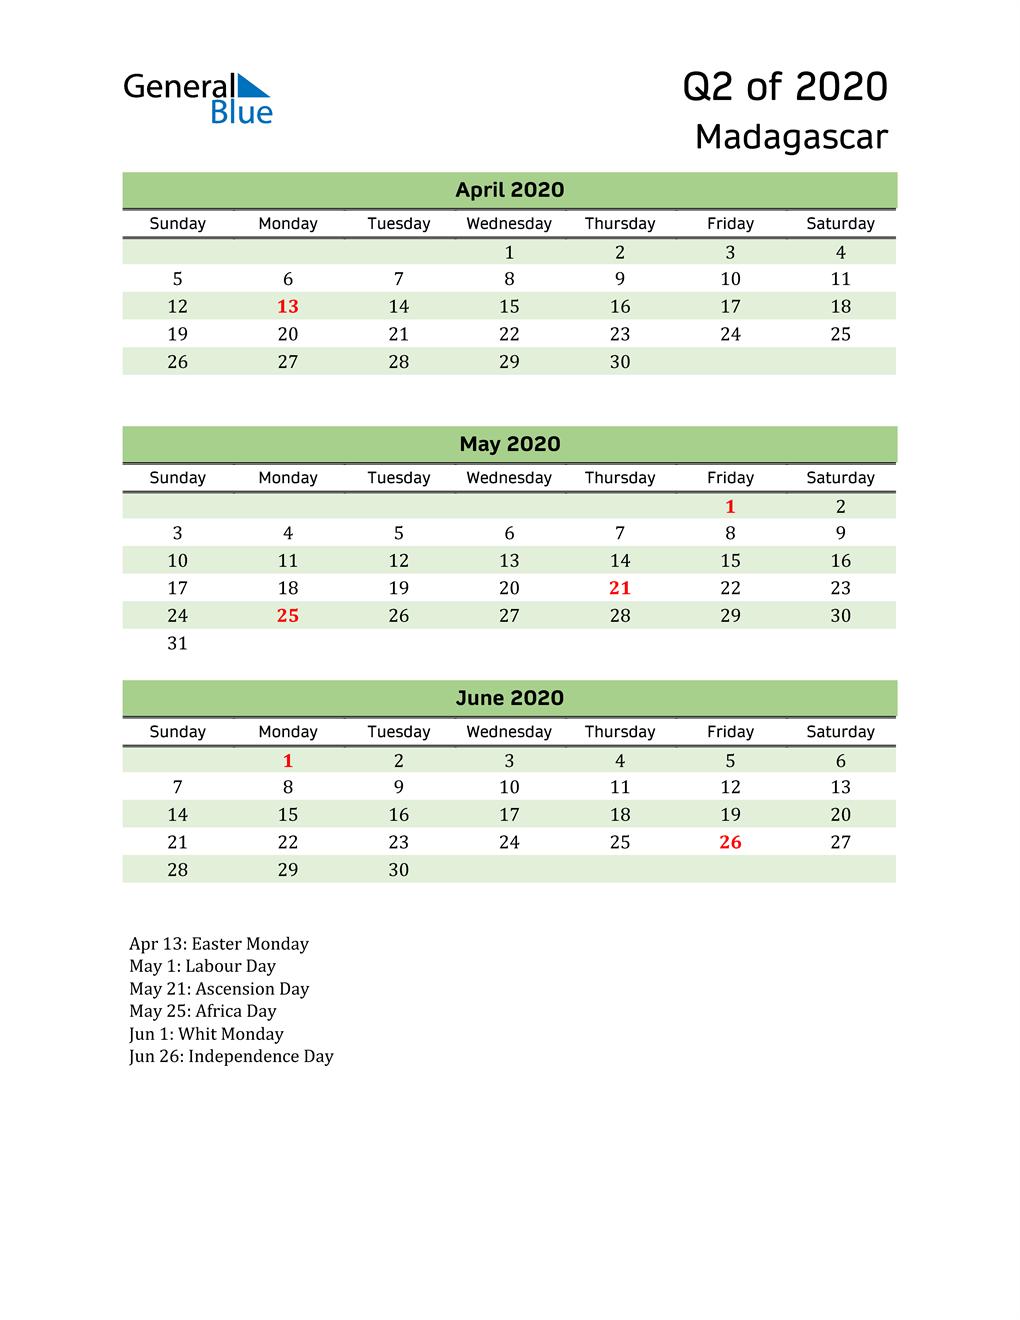 Quarterly Calendar 2020 with Madagascar Holidays